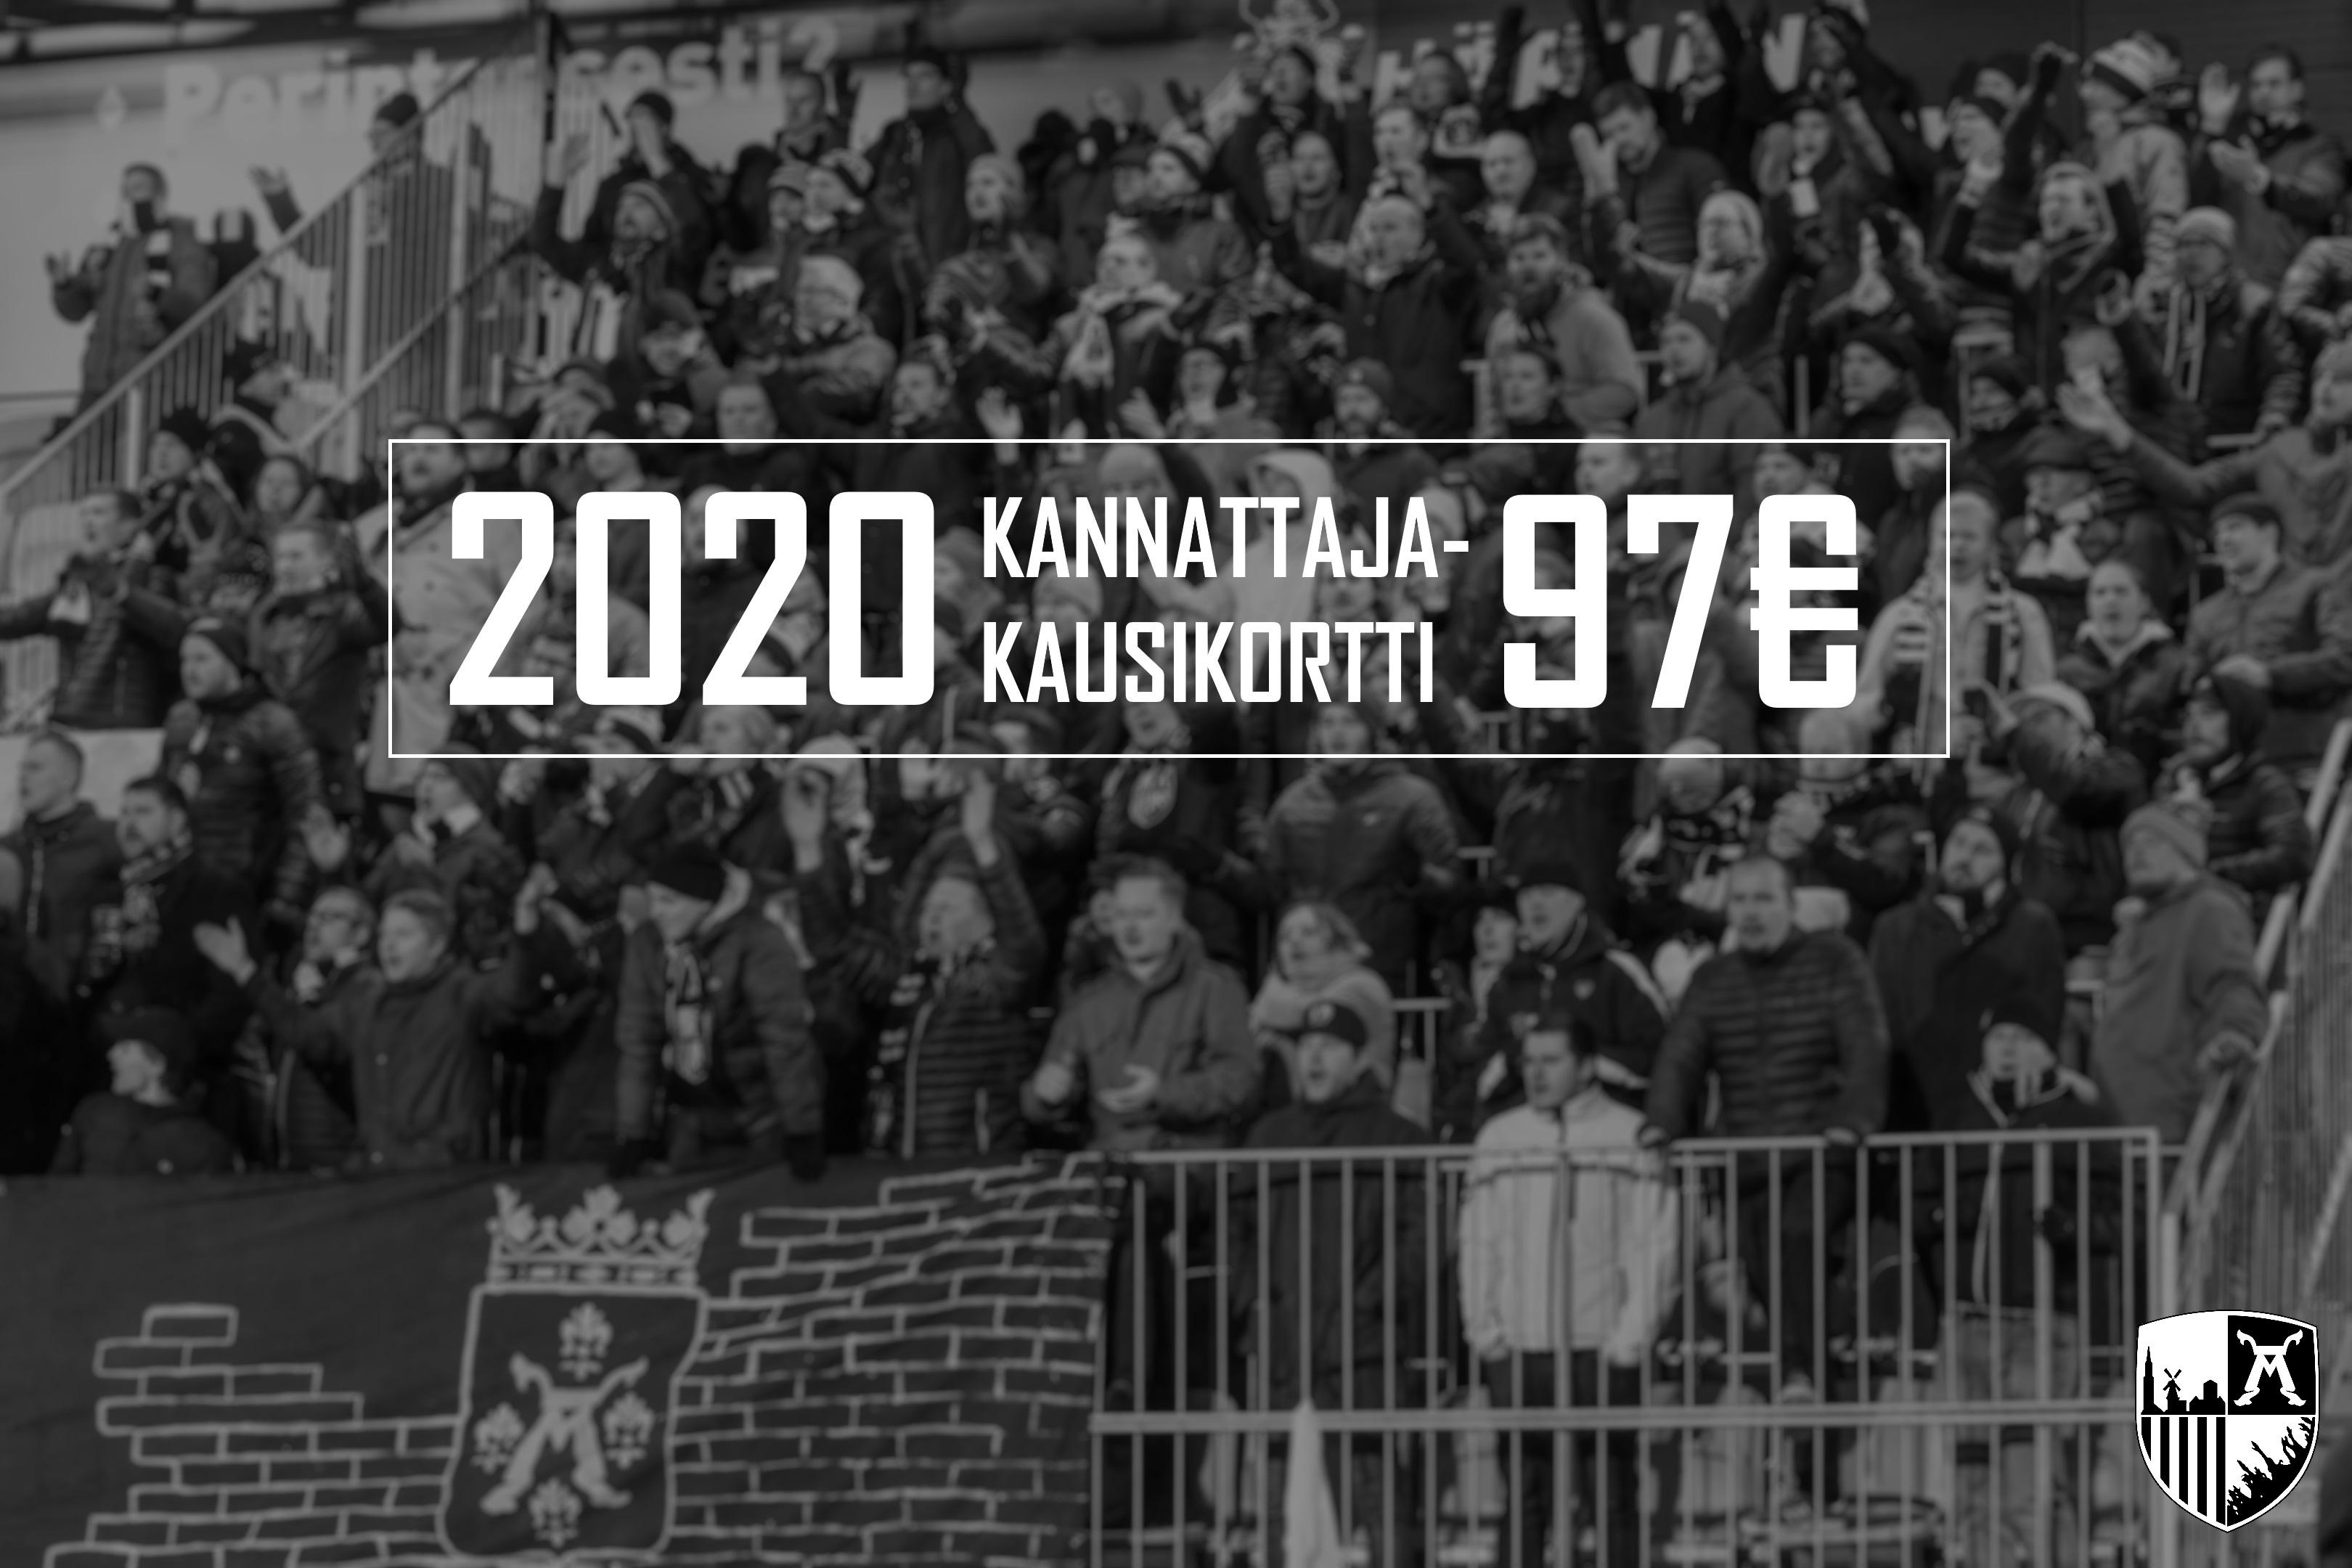 Jalkapallon kannattajakausikortit 2020